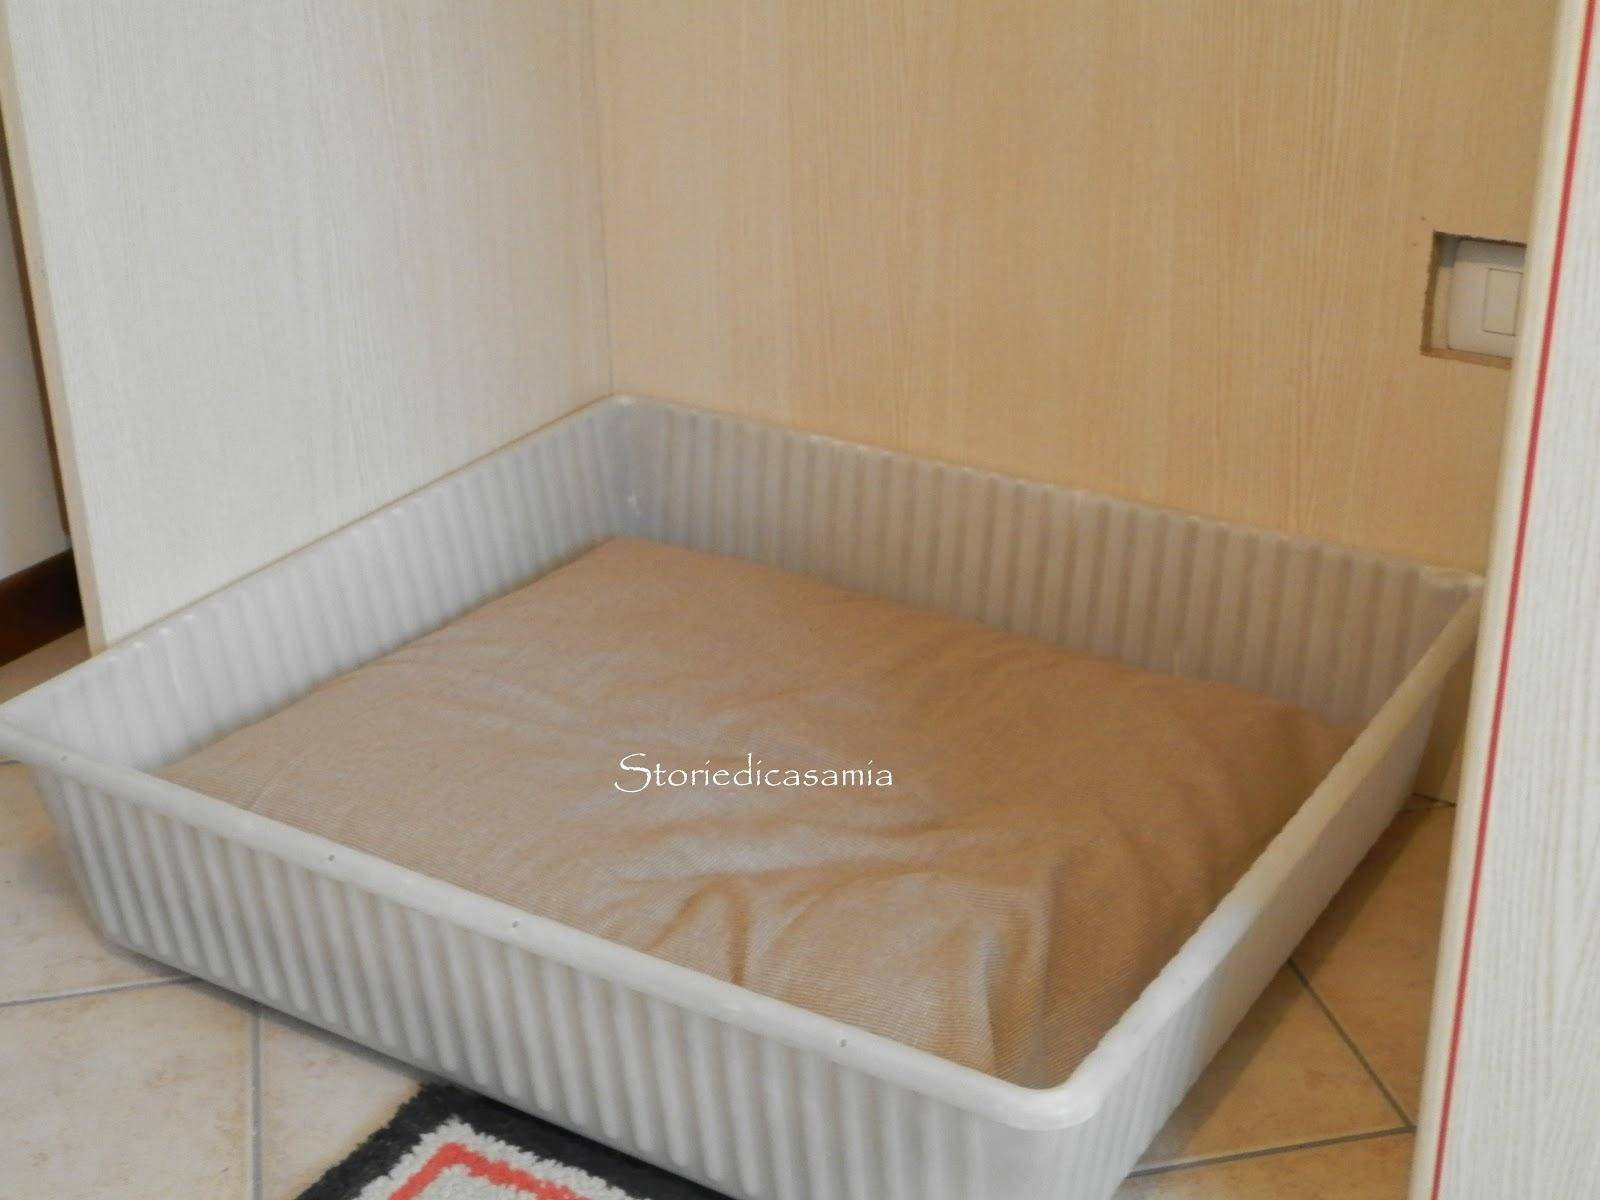 Cassetti Contenitori Sotto Letto : Cassetto sotto letto u oobb